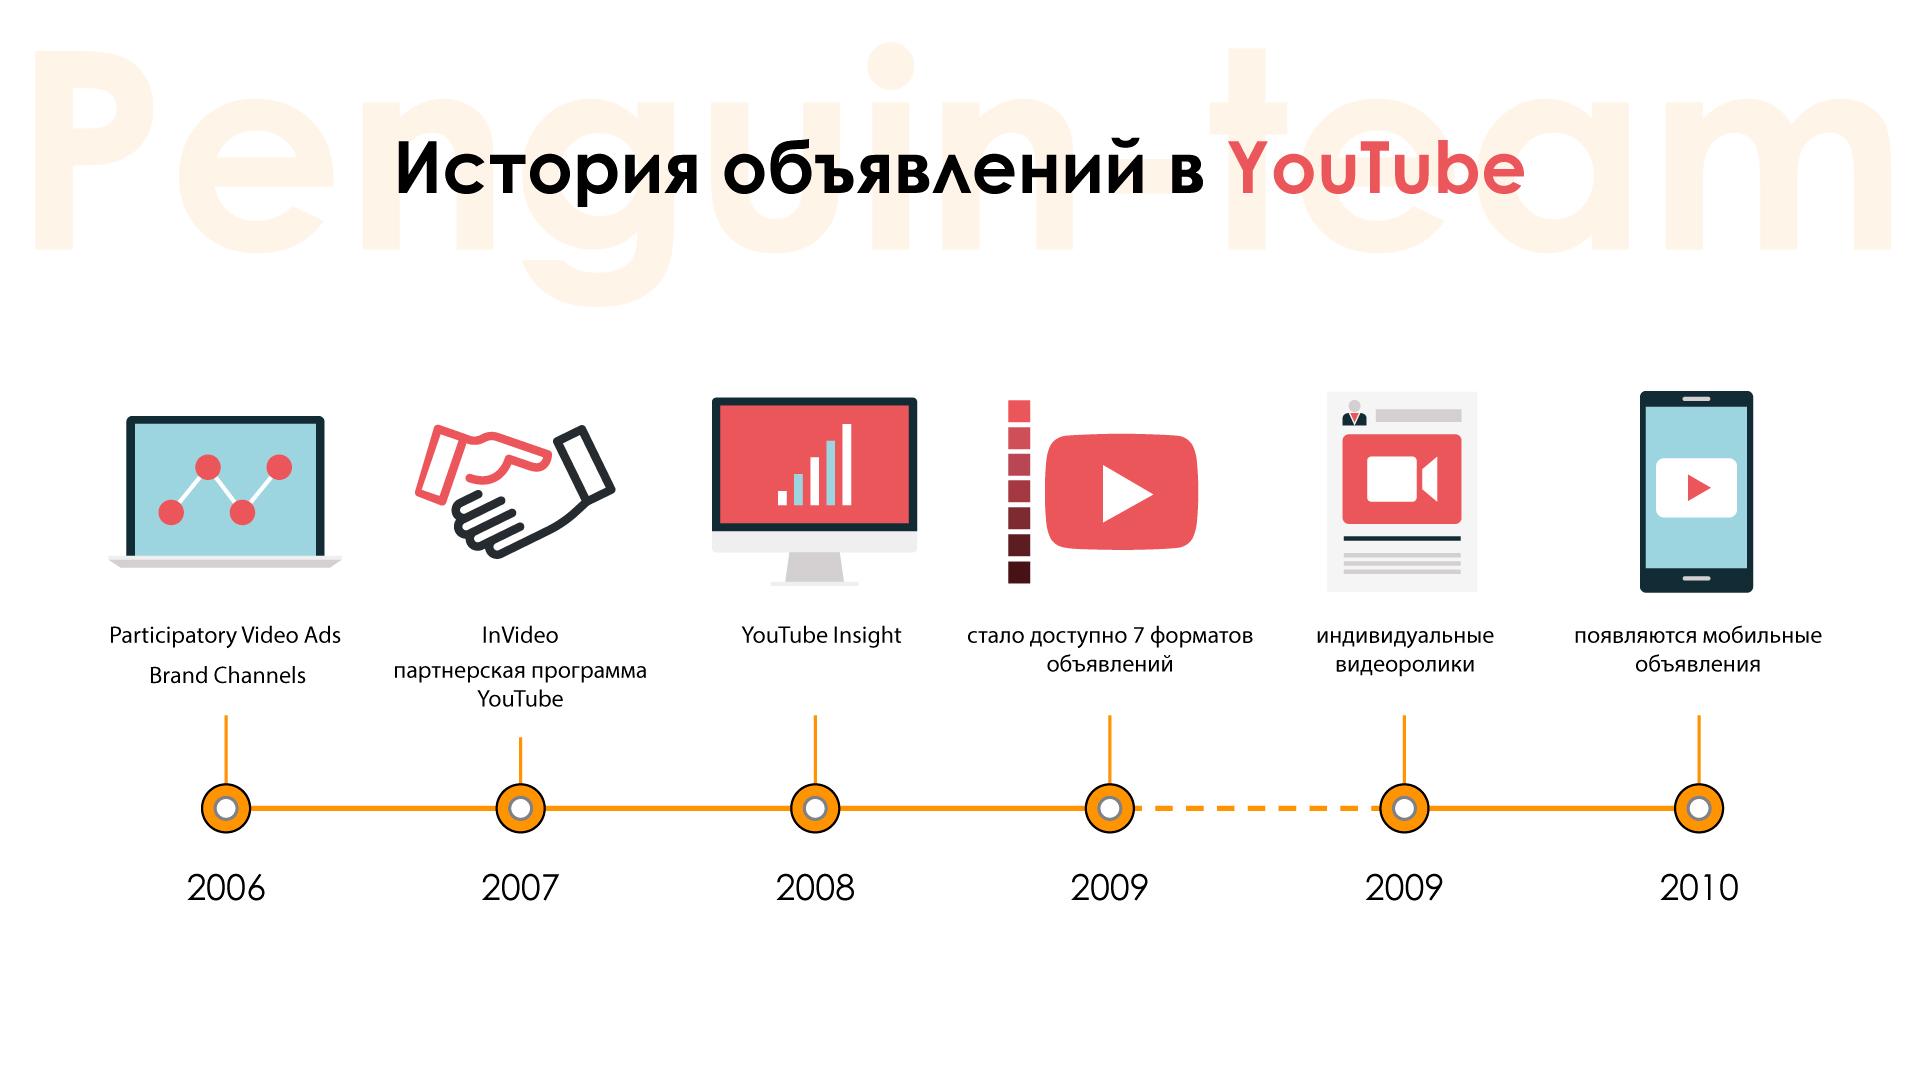 Історія оголошень в YouTube